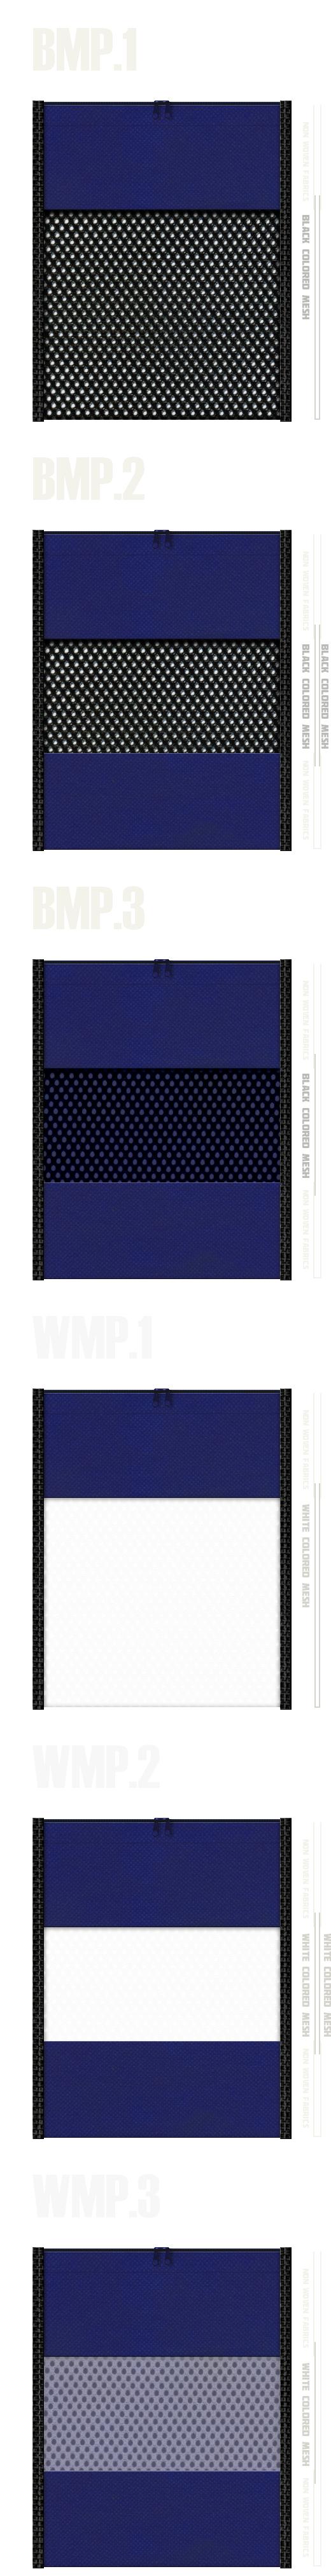 メッシュポーチのカラーシミュレーション:黒色・白色メッシュと紺色不織布の組み合わせ